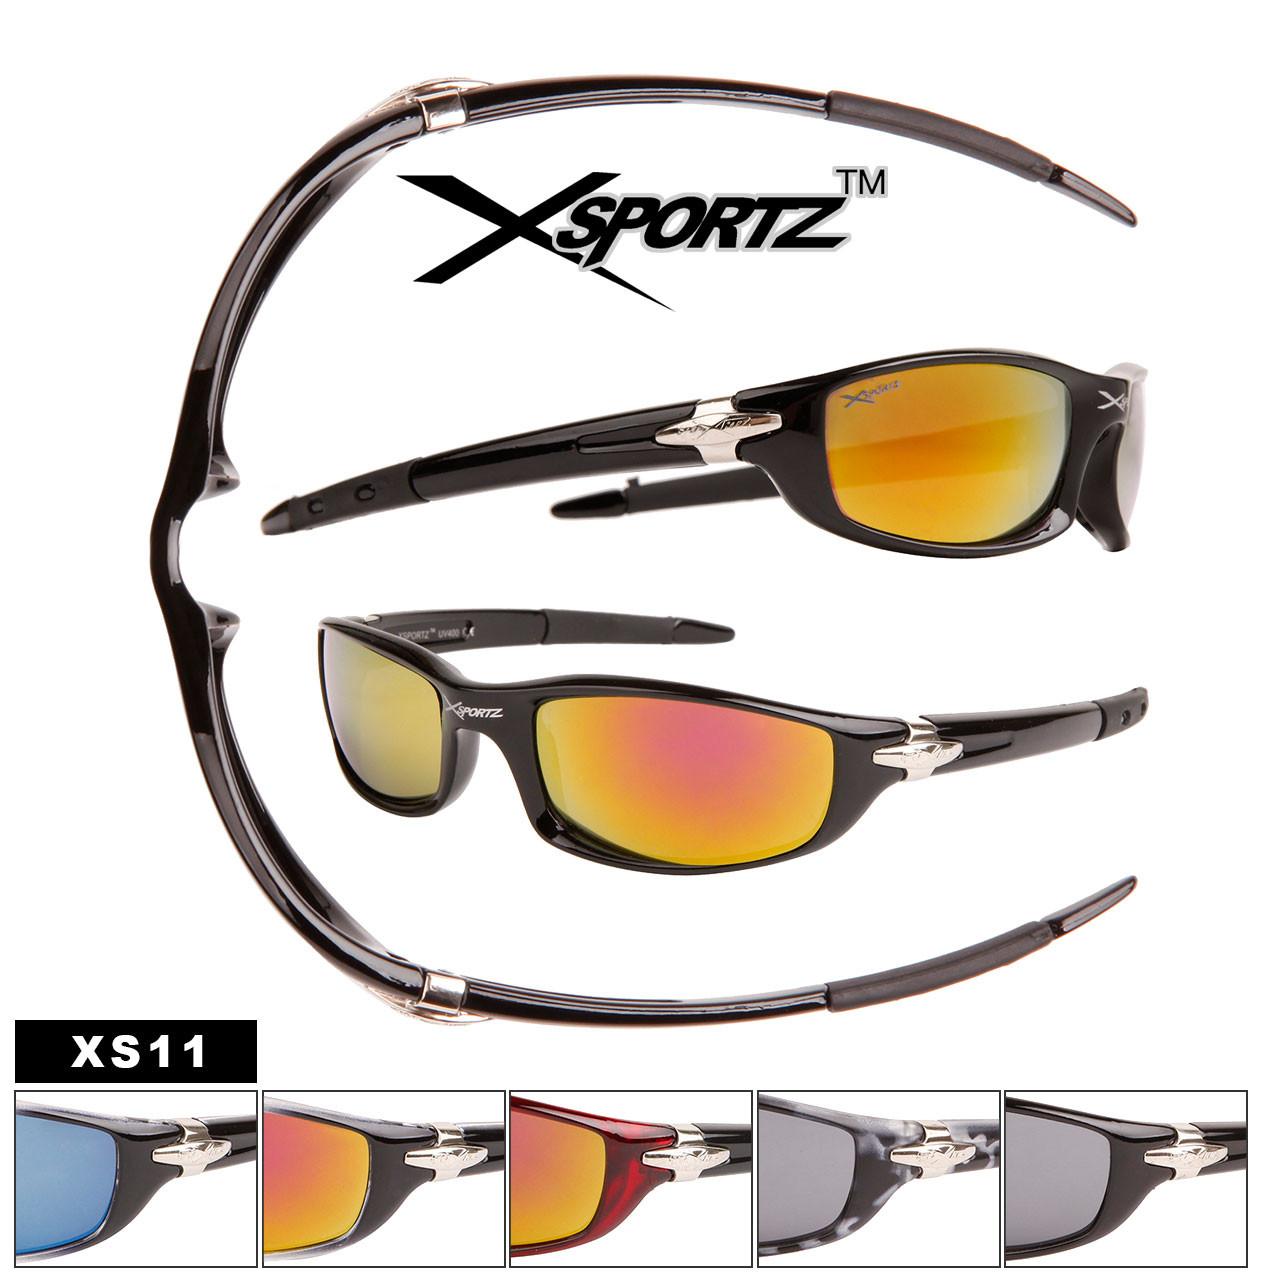 Xsportz™ Wholesale Men's Sport Sunglasses - Style XS11 (Assorted Colors)